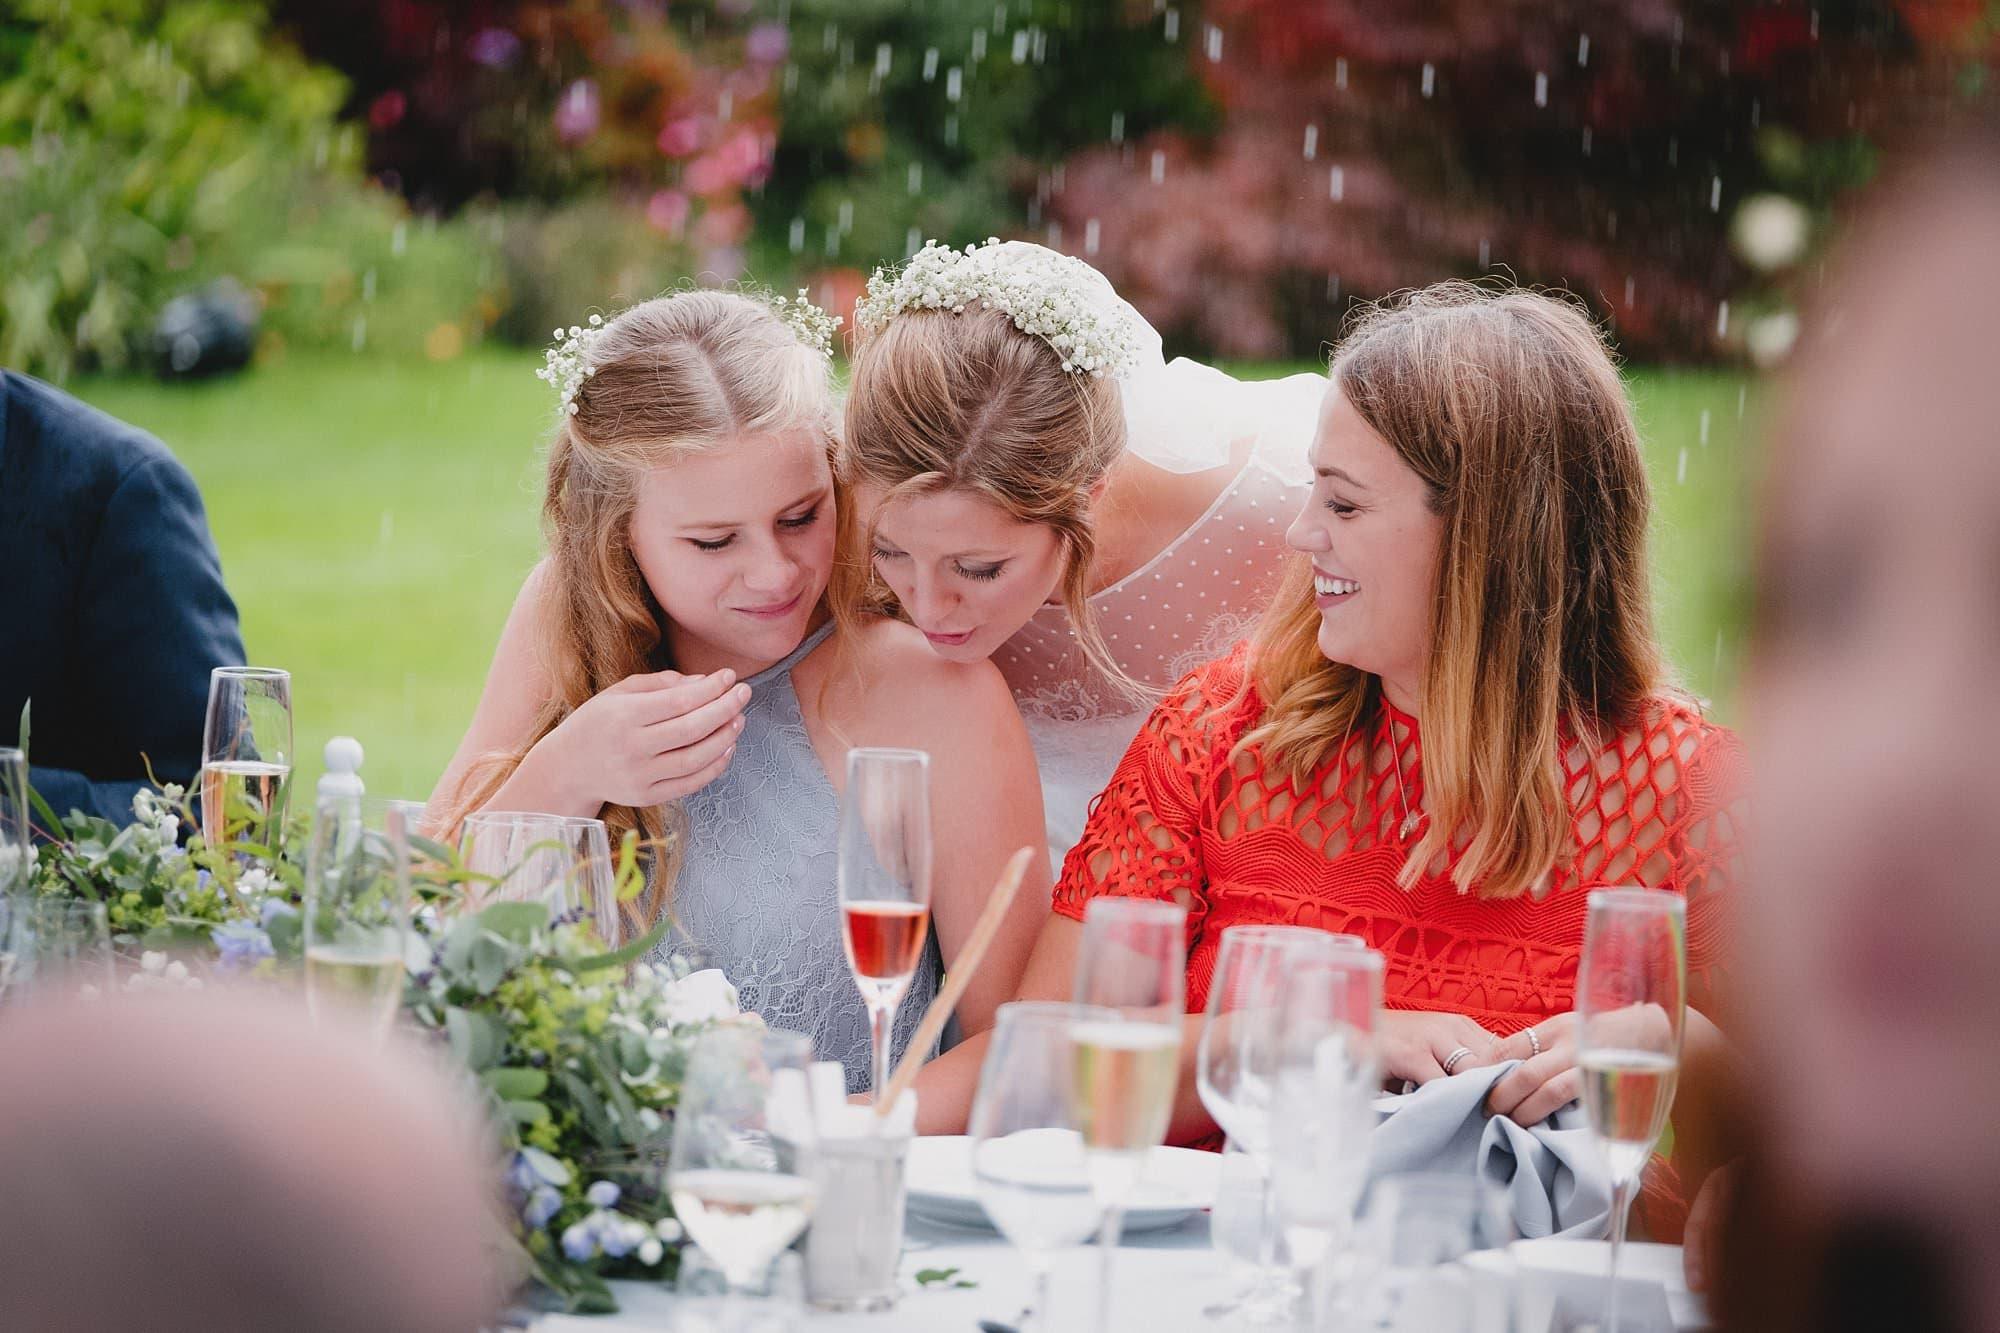 ashtead london wedding photographer 067 - Rachel & Jonny's Ashtead Wedding